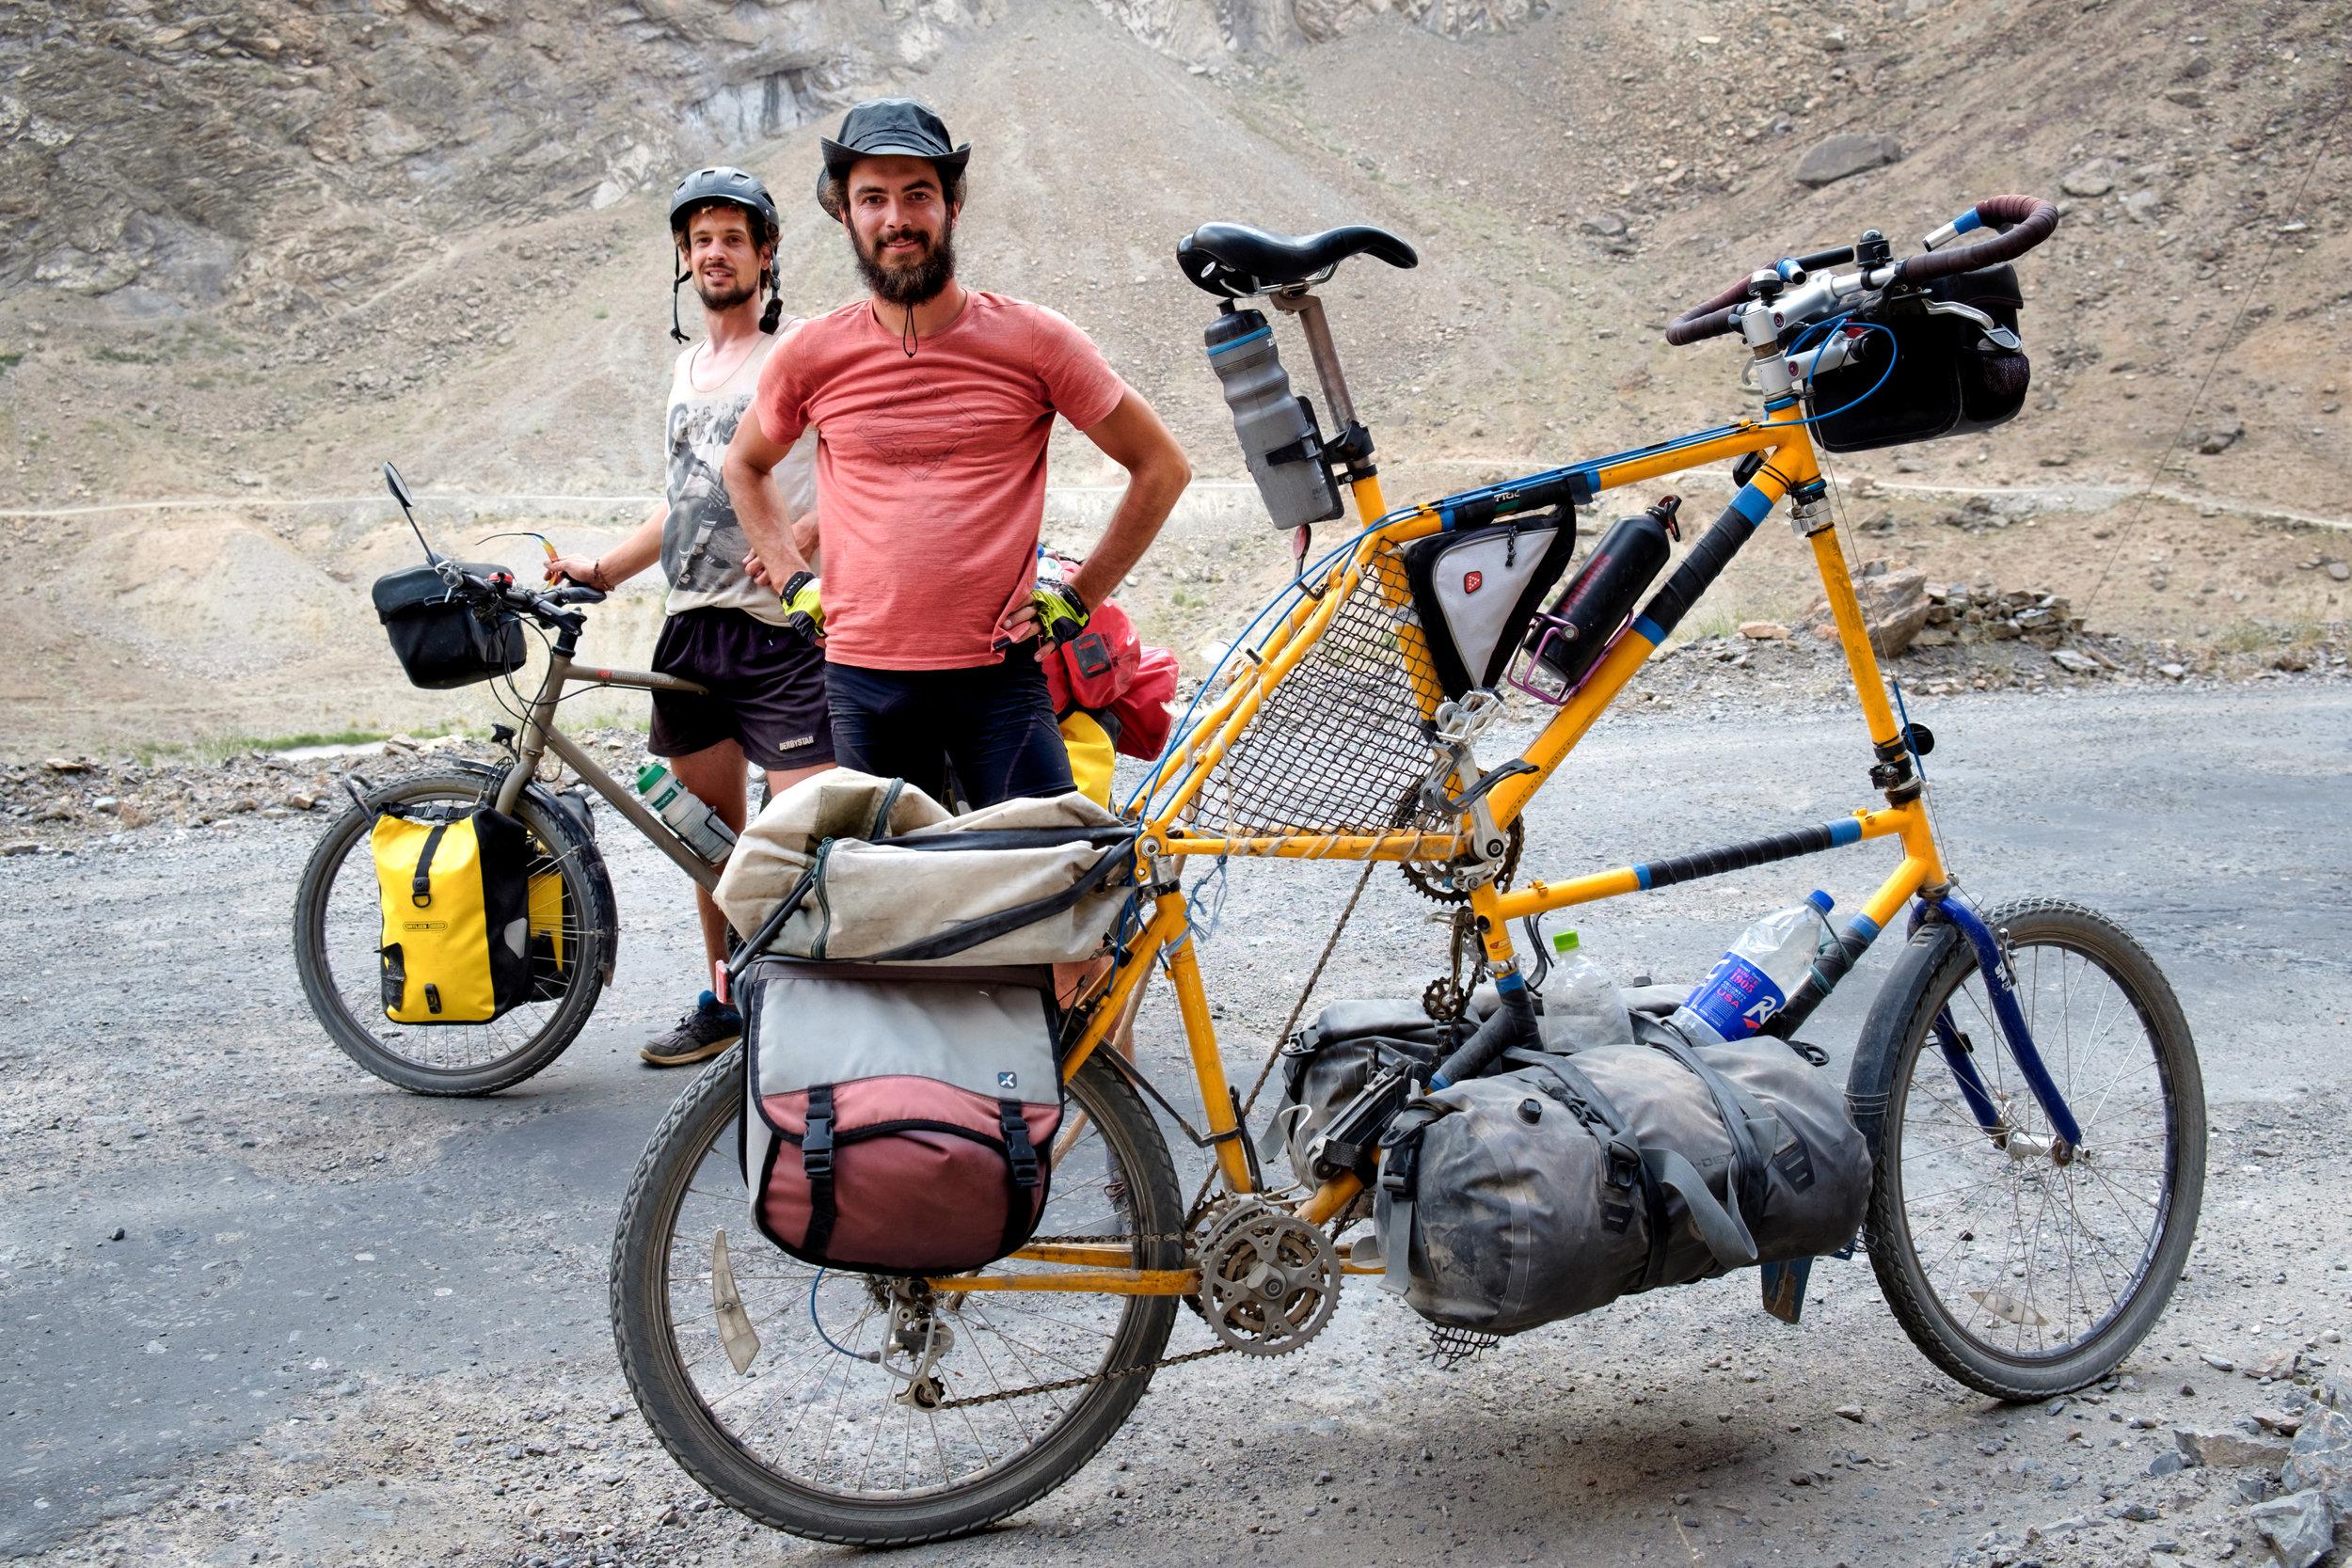 Freddy sur son vélo normal, et Pierre à côté de son vélo anormal.